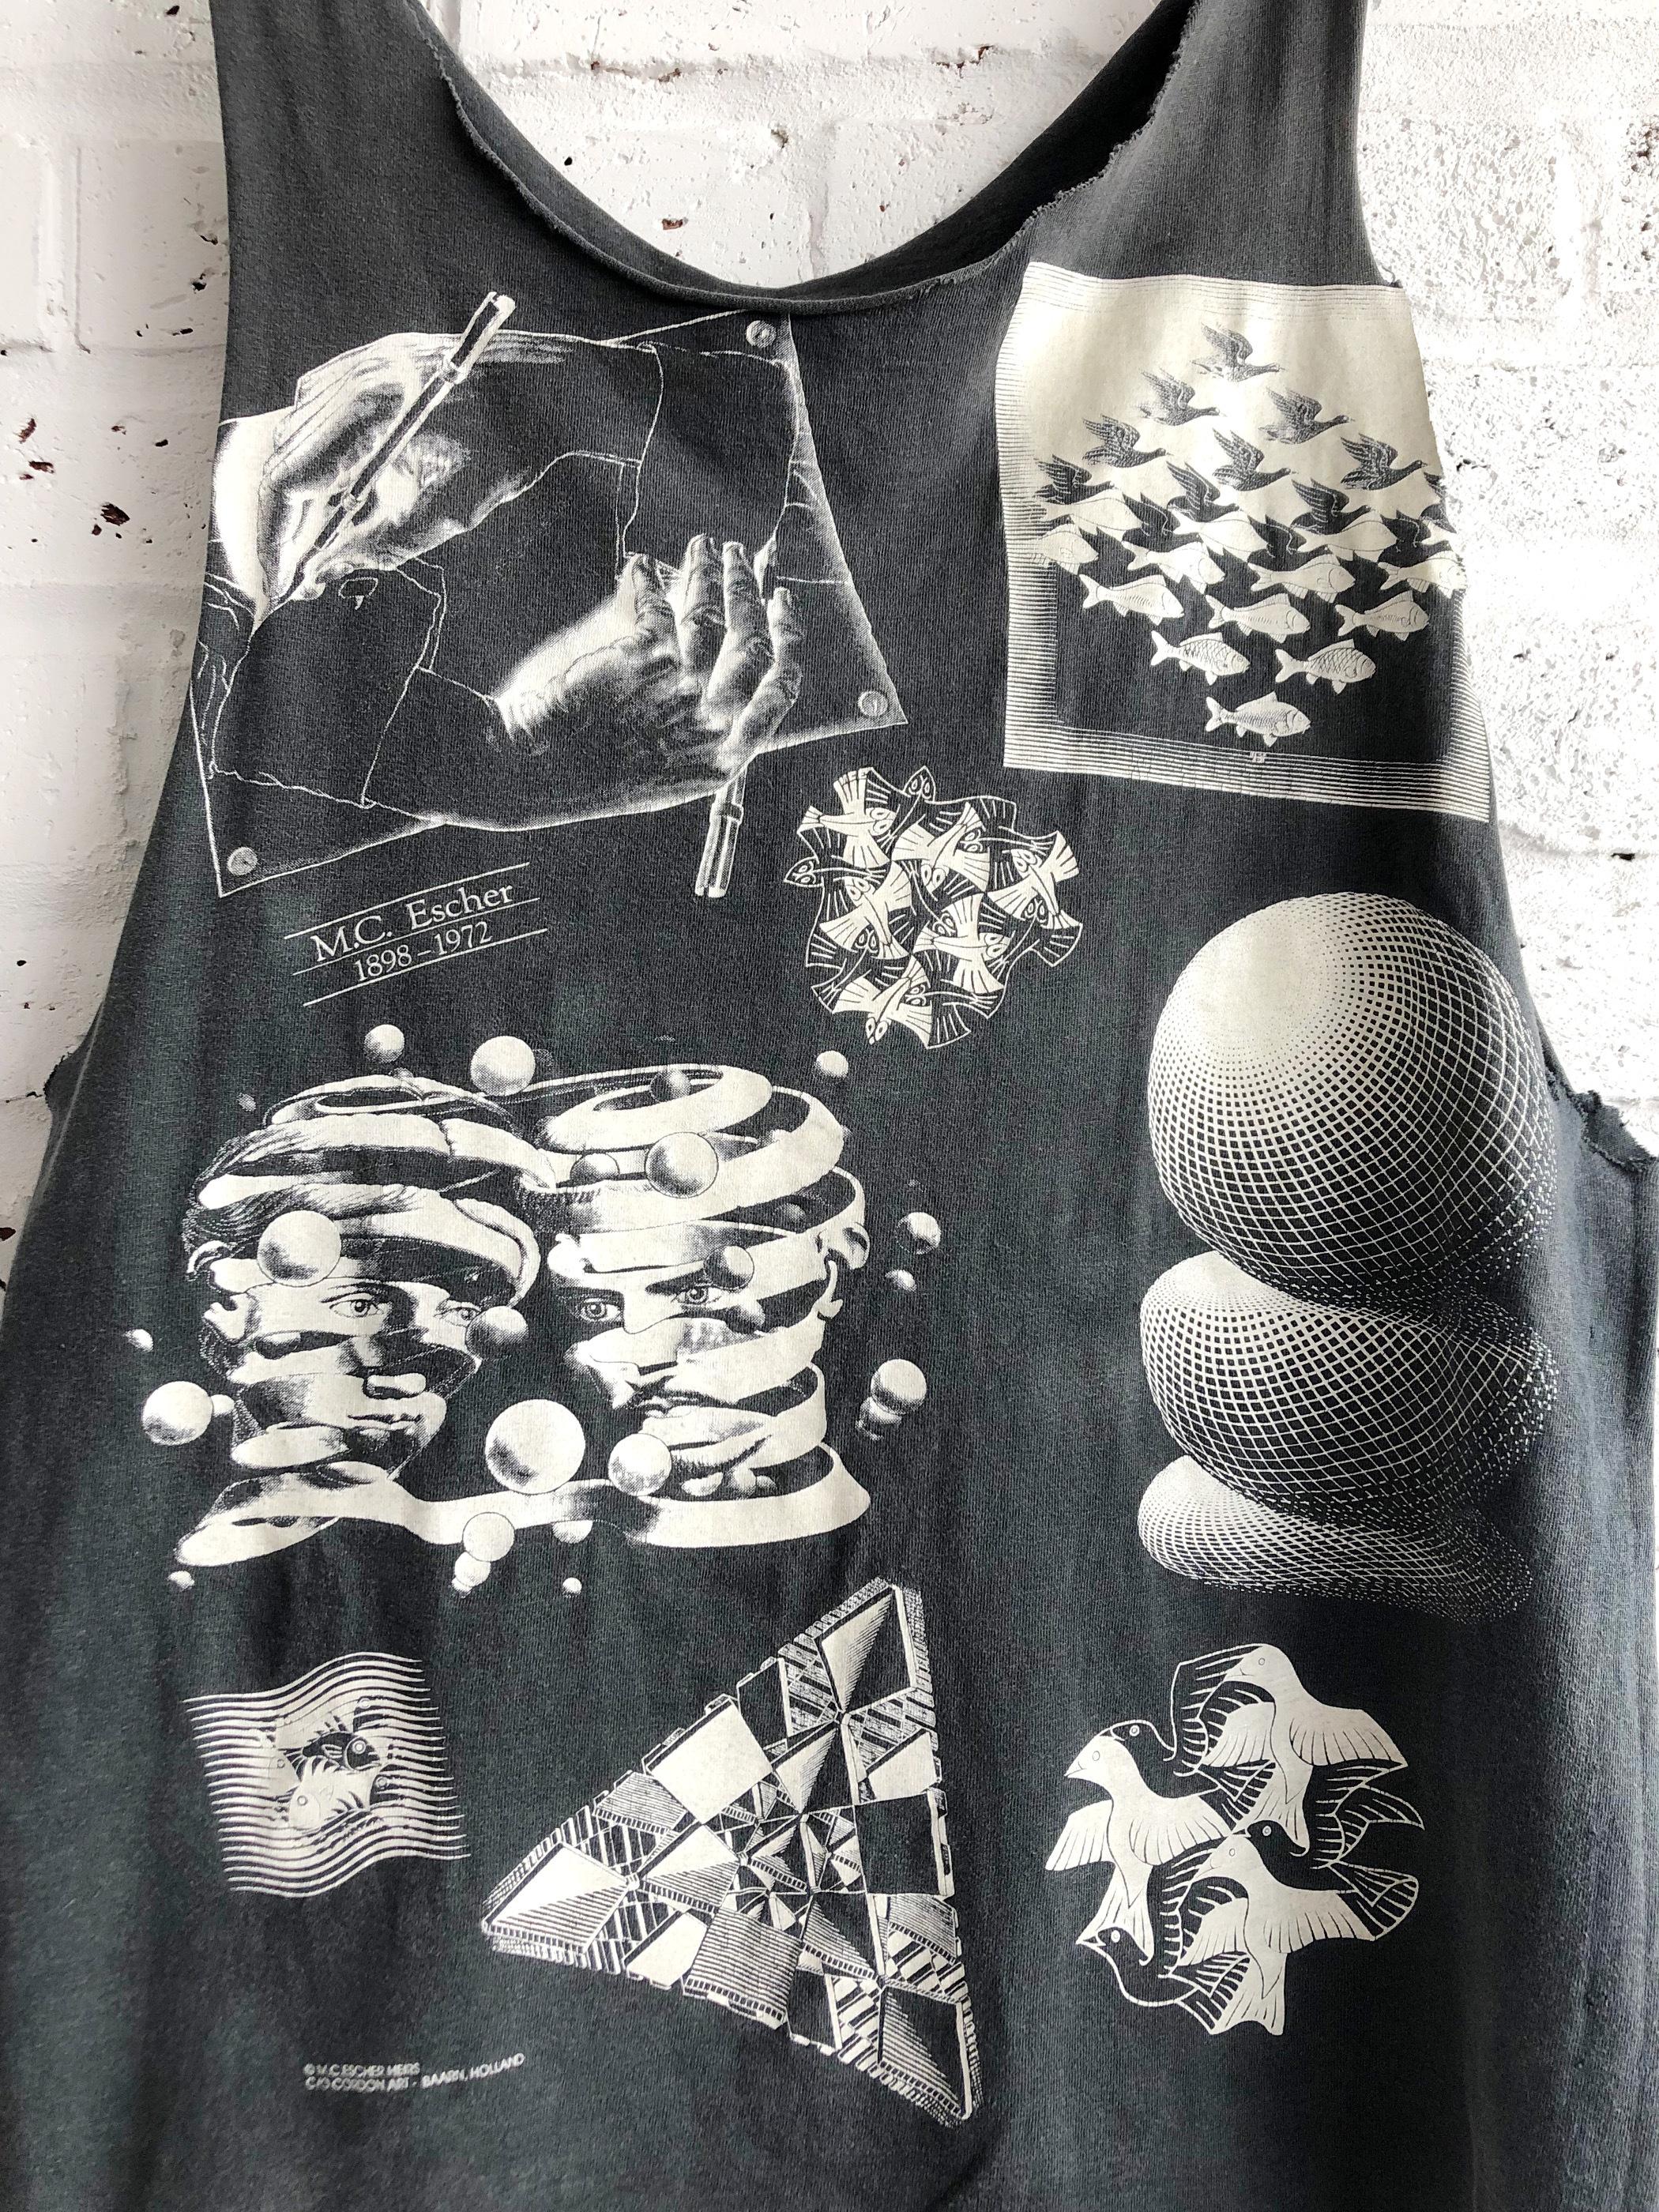 Vintage 90's USA M.C. Escher Re. Sleeveless shirt